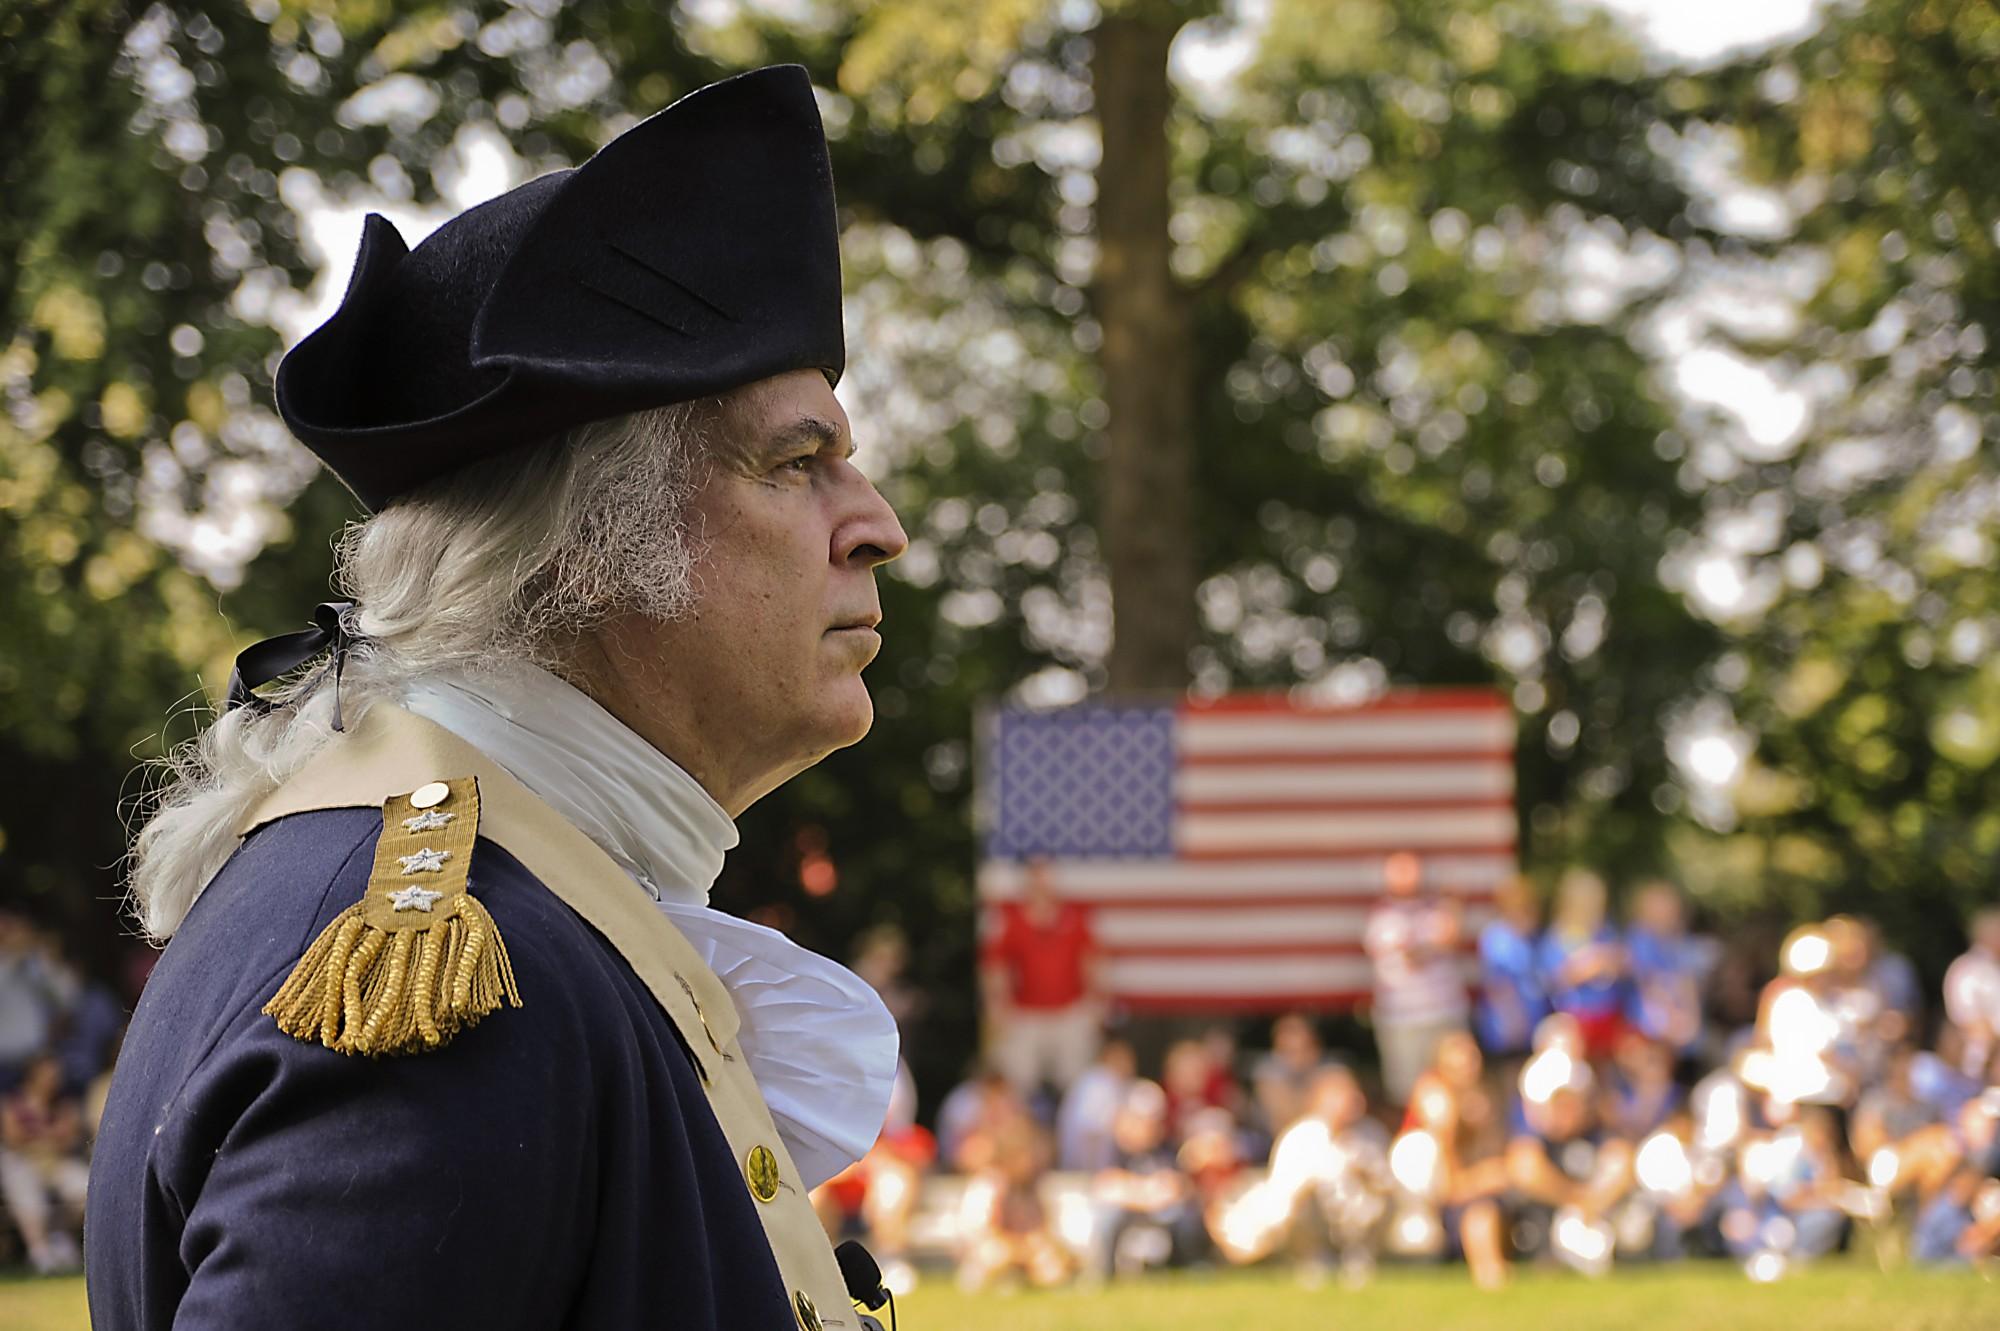 george washington mount vernon fourth of july celebration